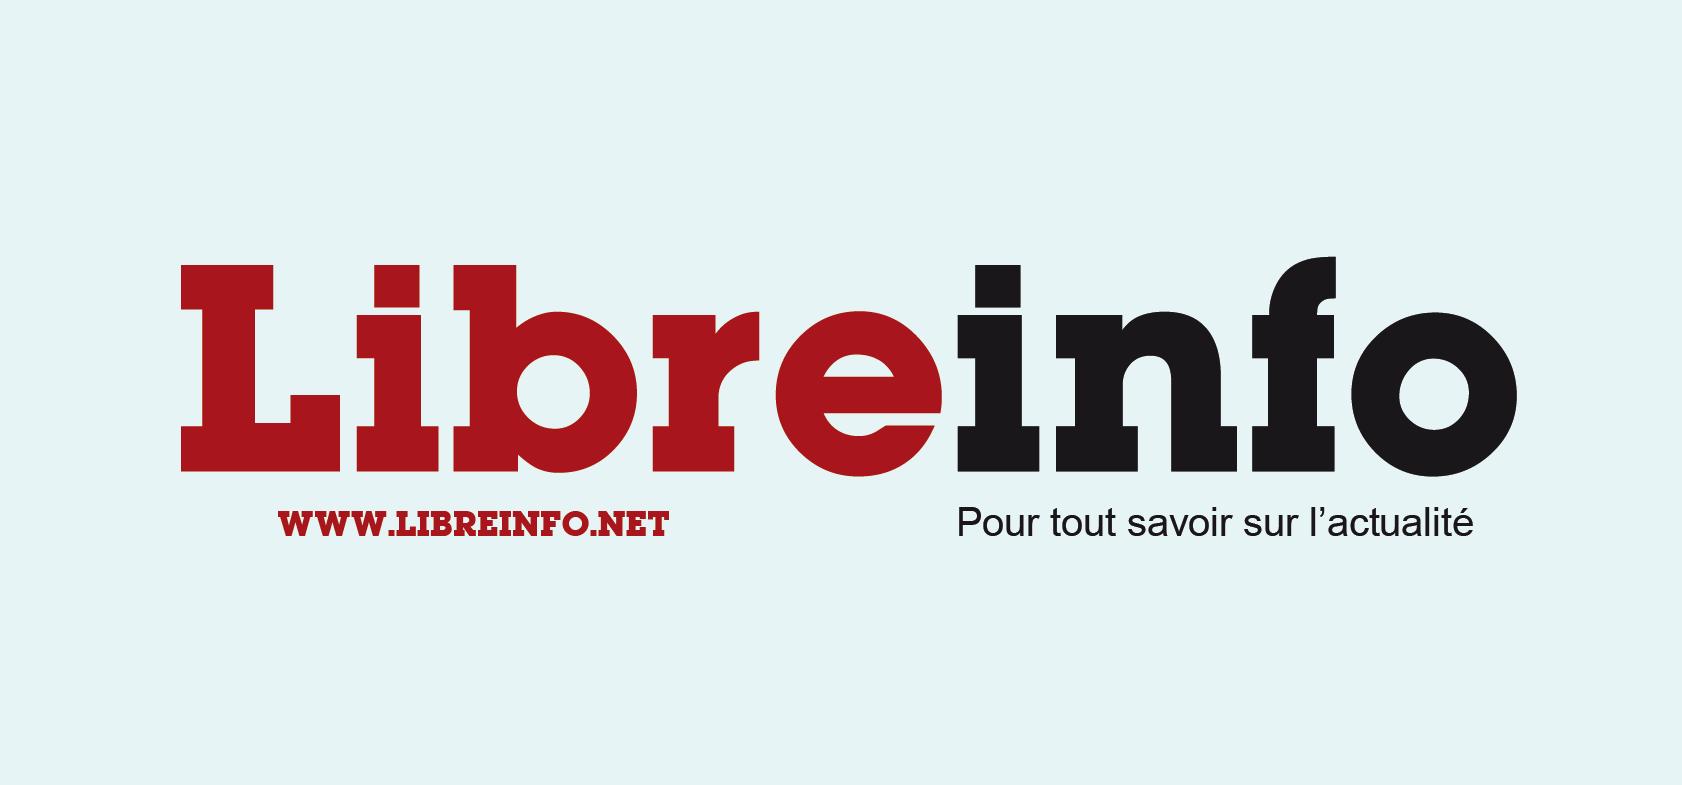 MEDIA: Libreinfo.net recrute des correspondant(e)s dans toutes les provinces du Burkina